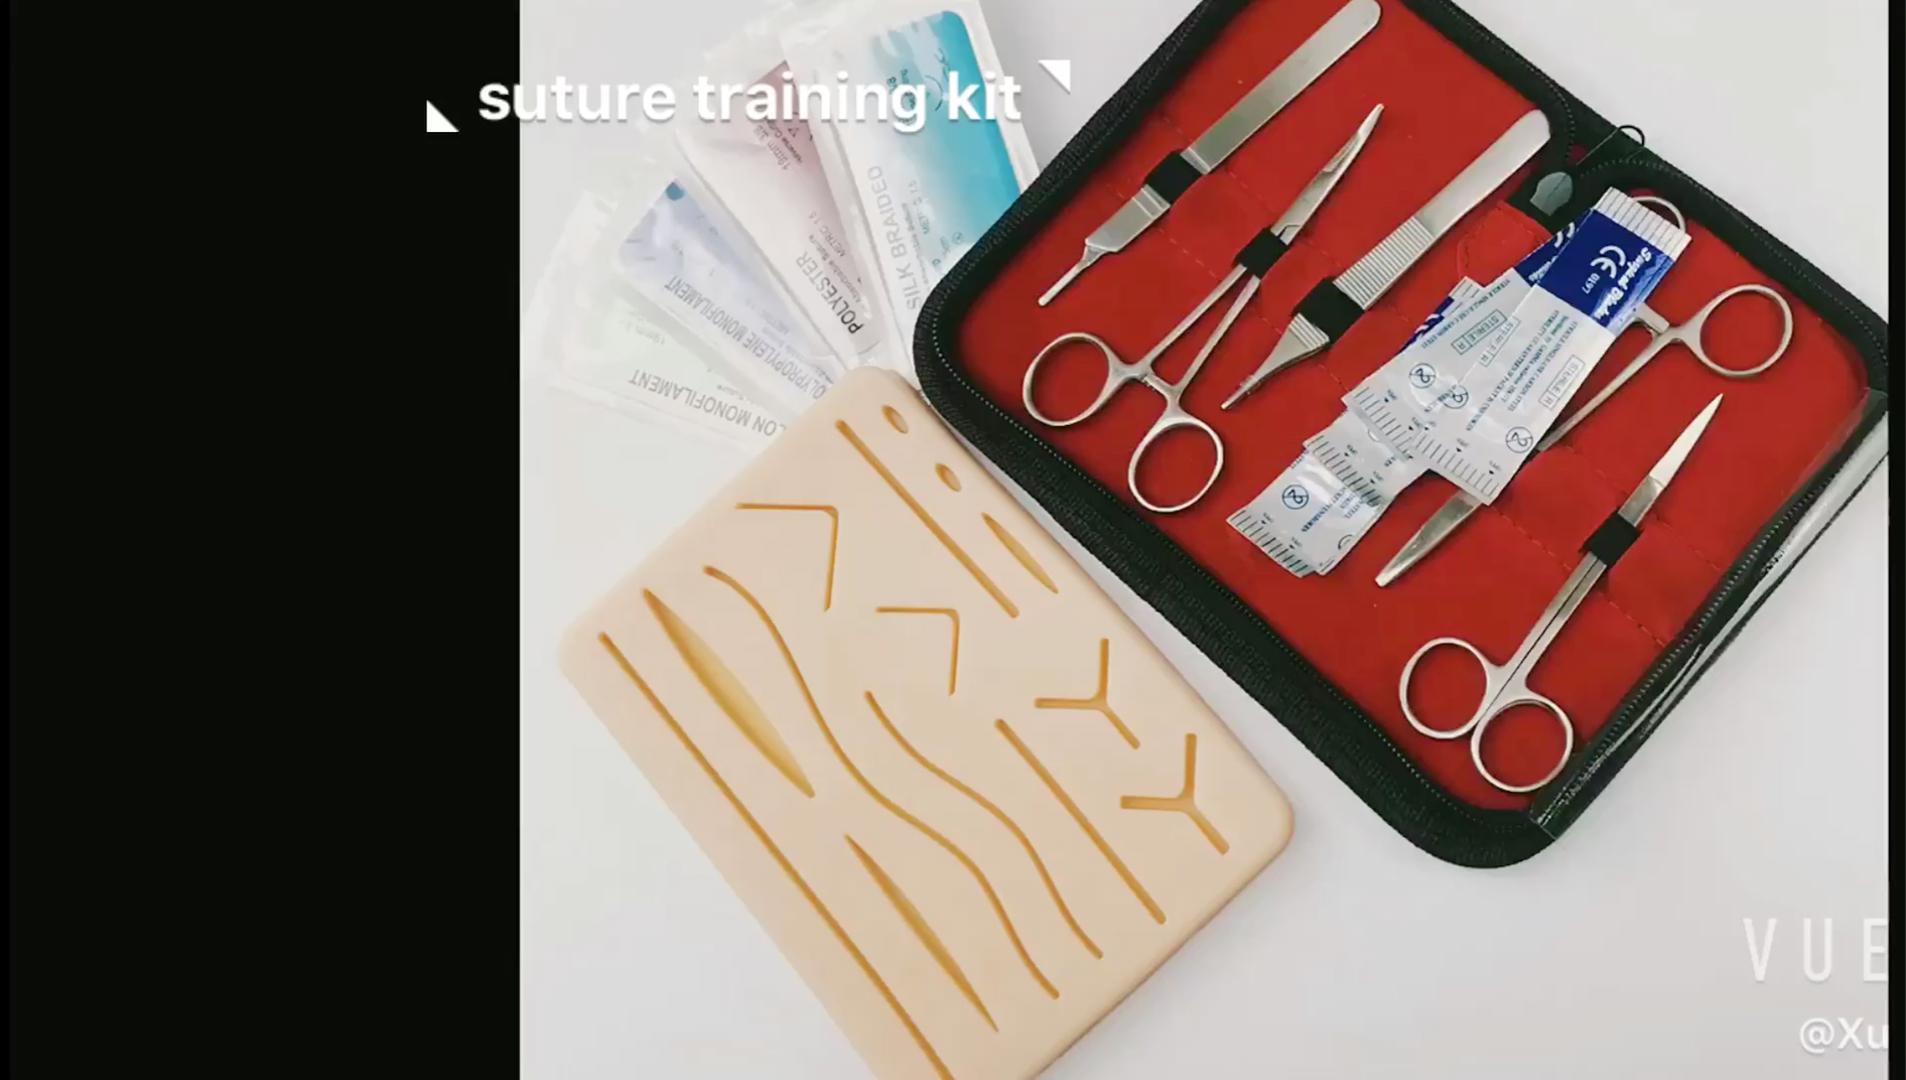 सर्जिकल सिवनी मेडिकल छात्रों के लिए अभ्यास किट सिवनी सिवनी के साथ प्रशिक्षण अभ्यास त्वचा पैड